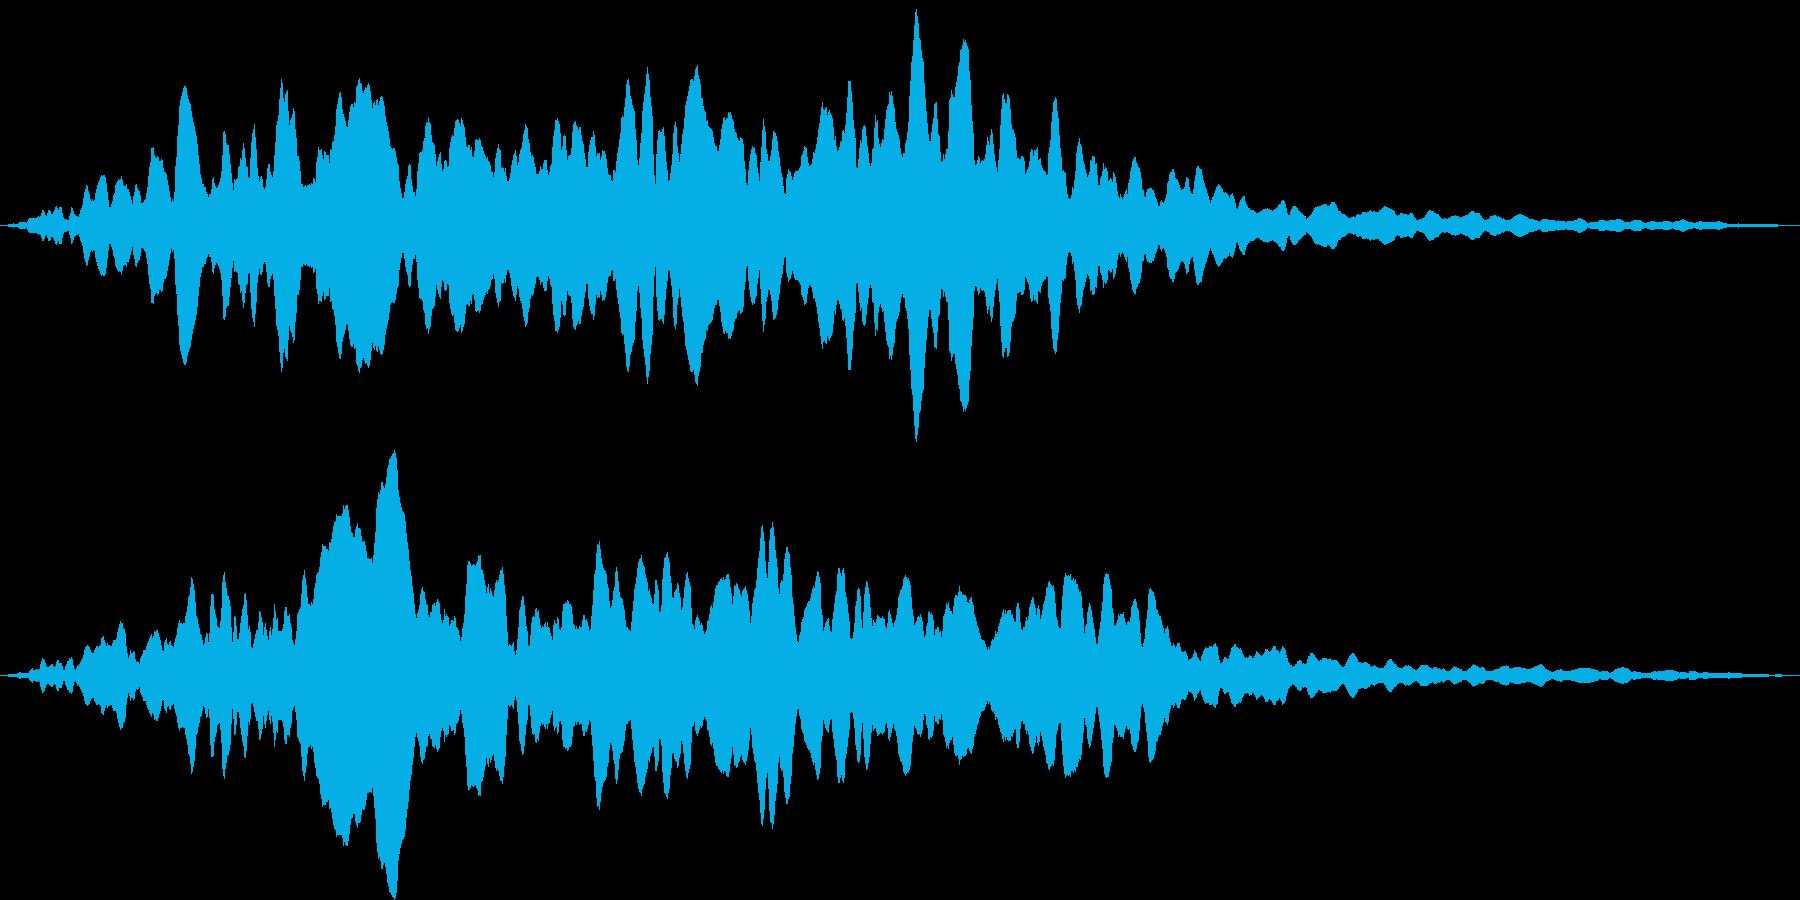 コーラスクワイヤー アンセムの再生済みの波形